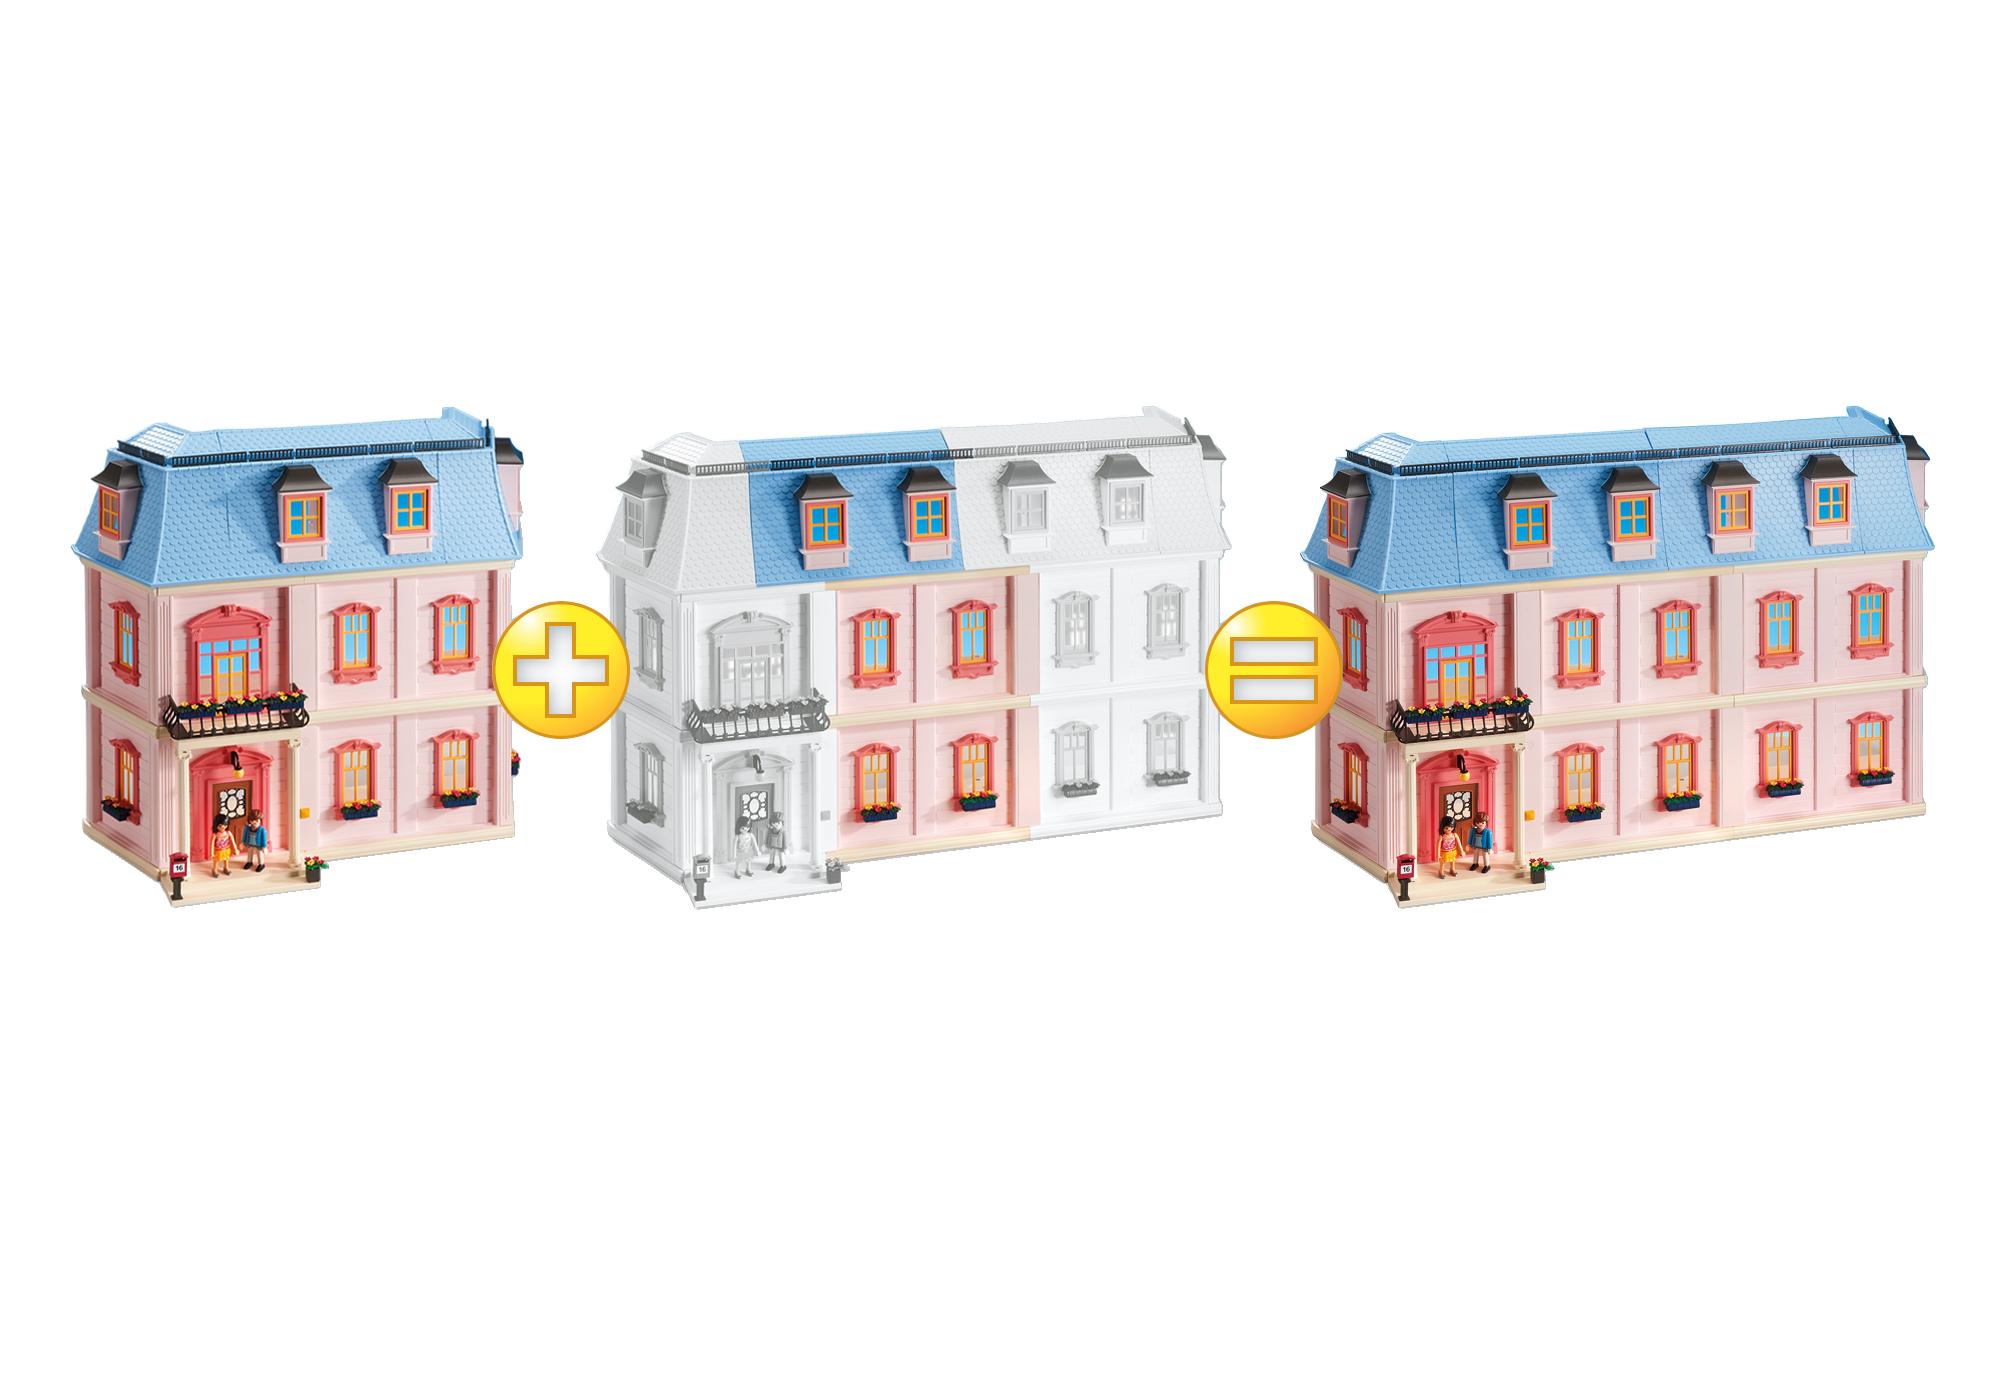 Uitbreidingsset a voor herenhuis playmobil nederland